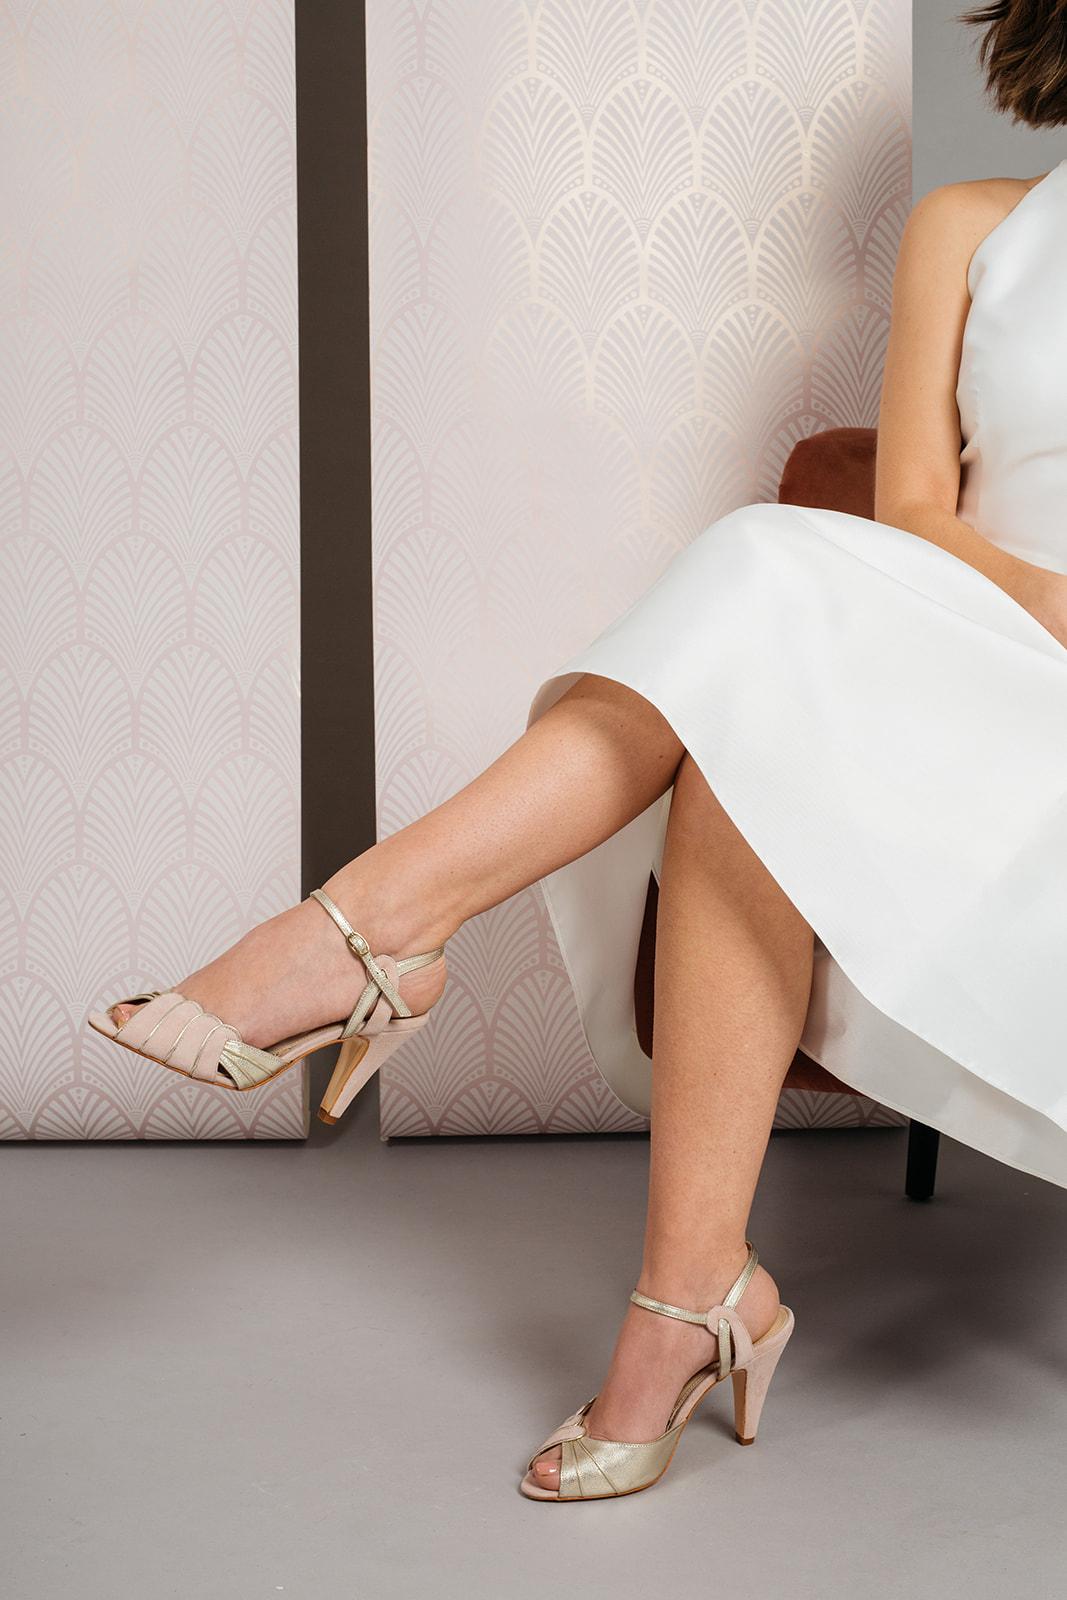 noni Brautschuhe von Rachel Simpson, Aurelia, hohe Peeptoes in Rosé und Gold, getragen von Model mit Brautkleid, Kollektion 2020